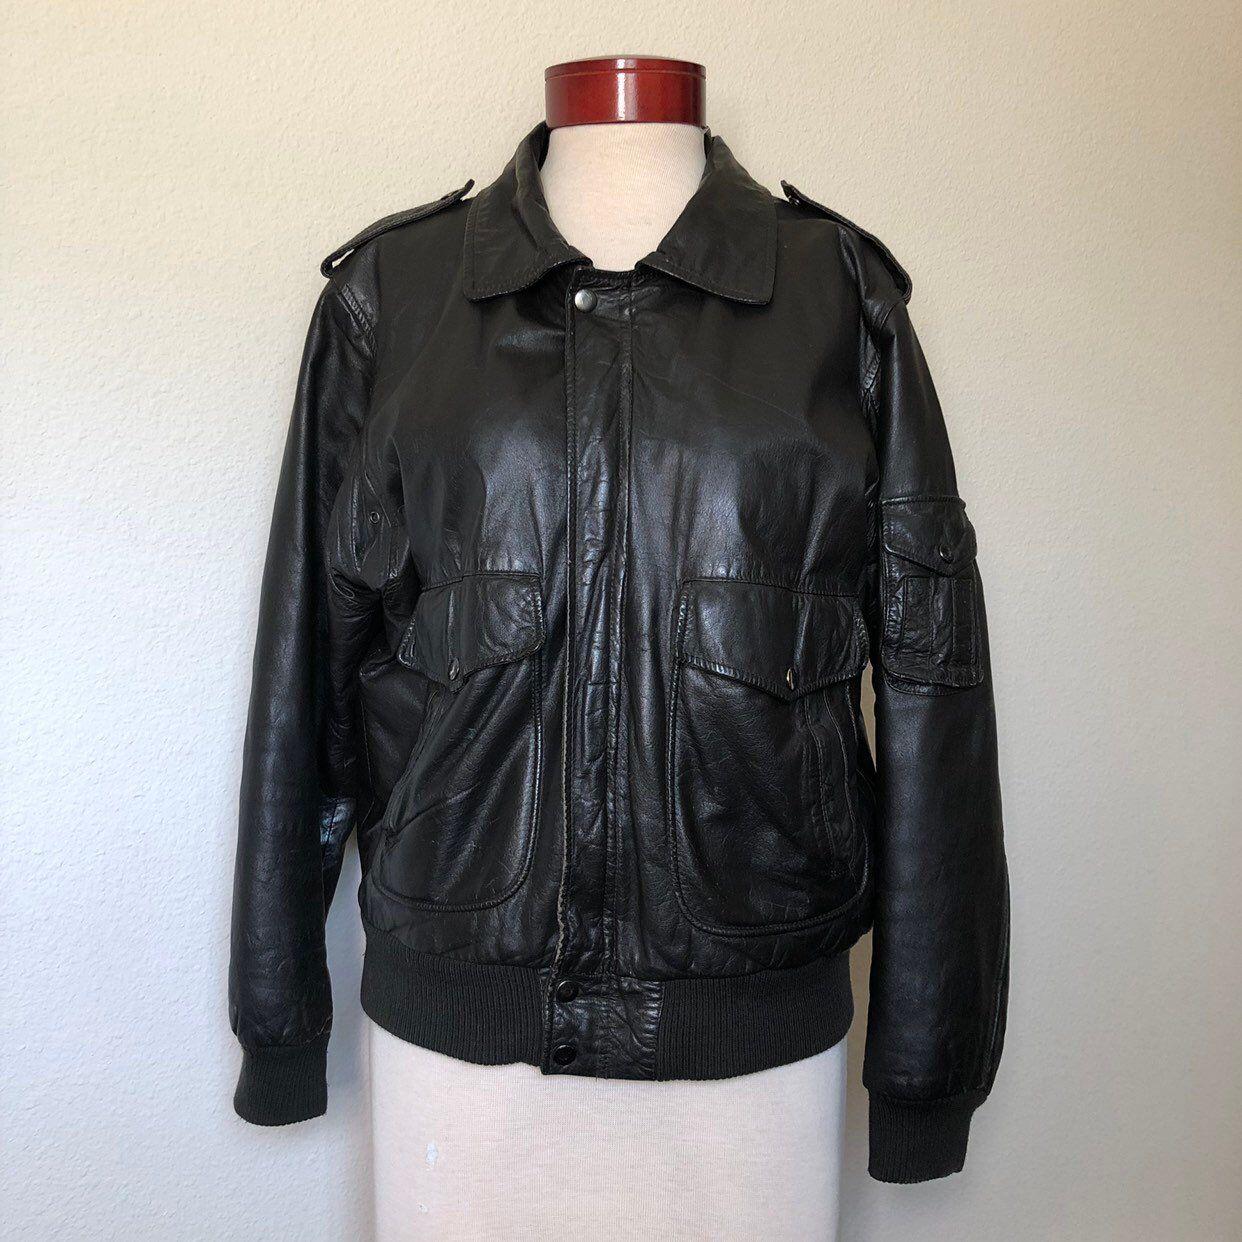 Vintage 80/'s Black Leather High Collar Bomber Jacket